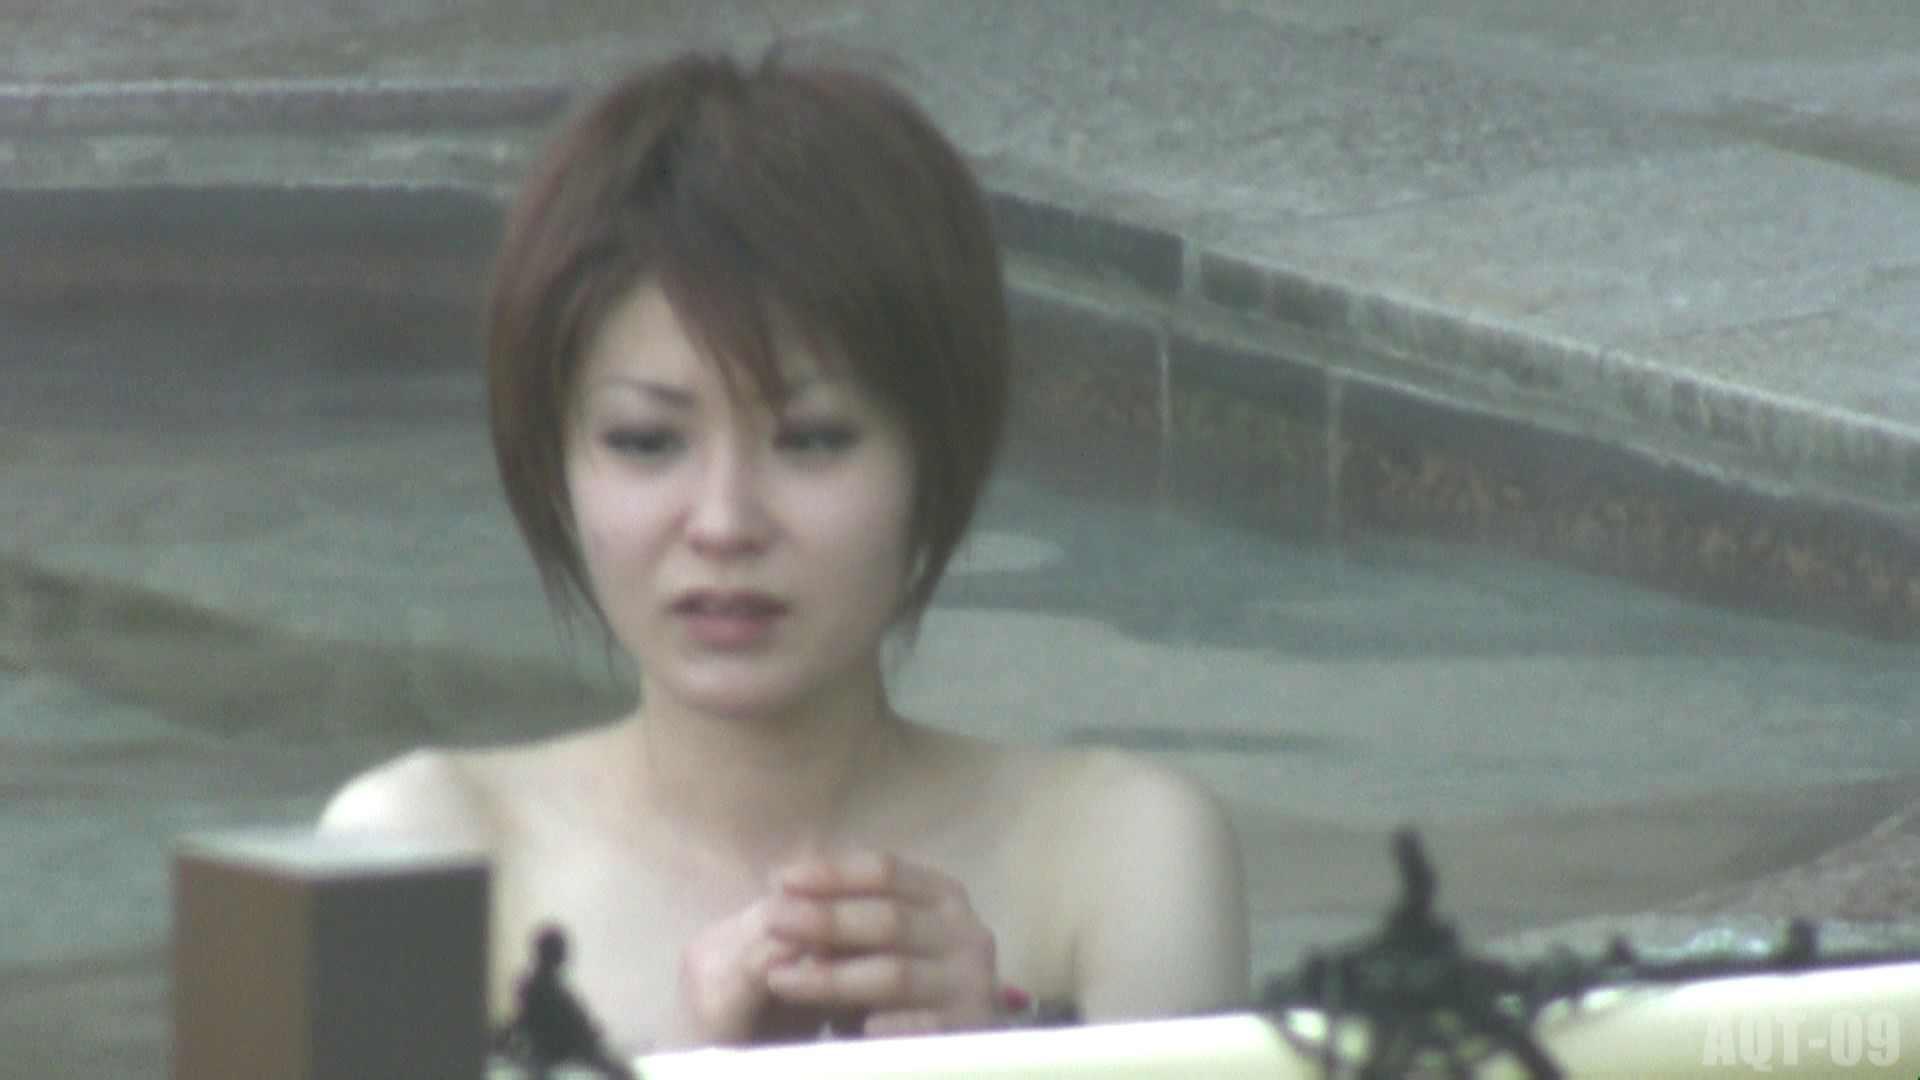 Aquaな露天風呂Vol.779 盗撮  107画像 84